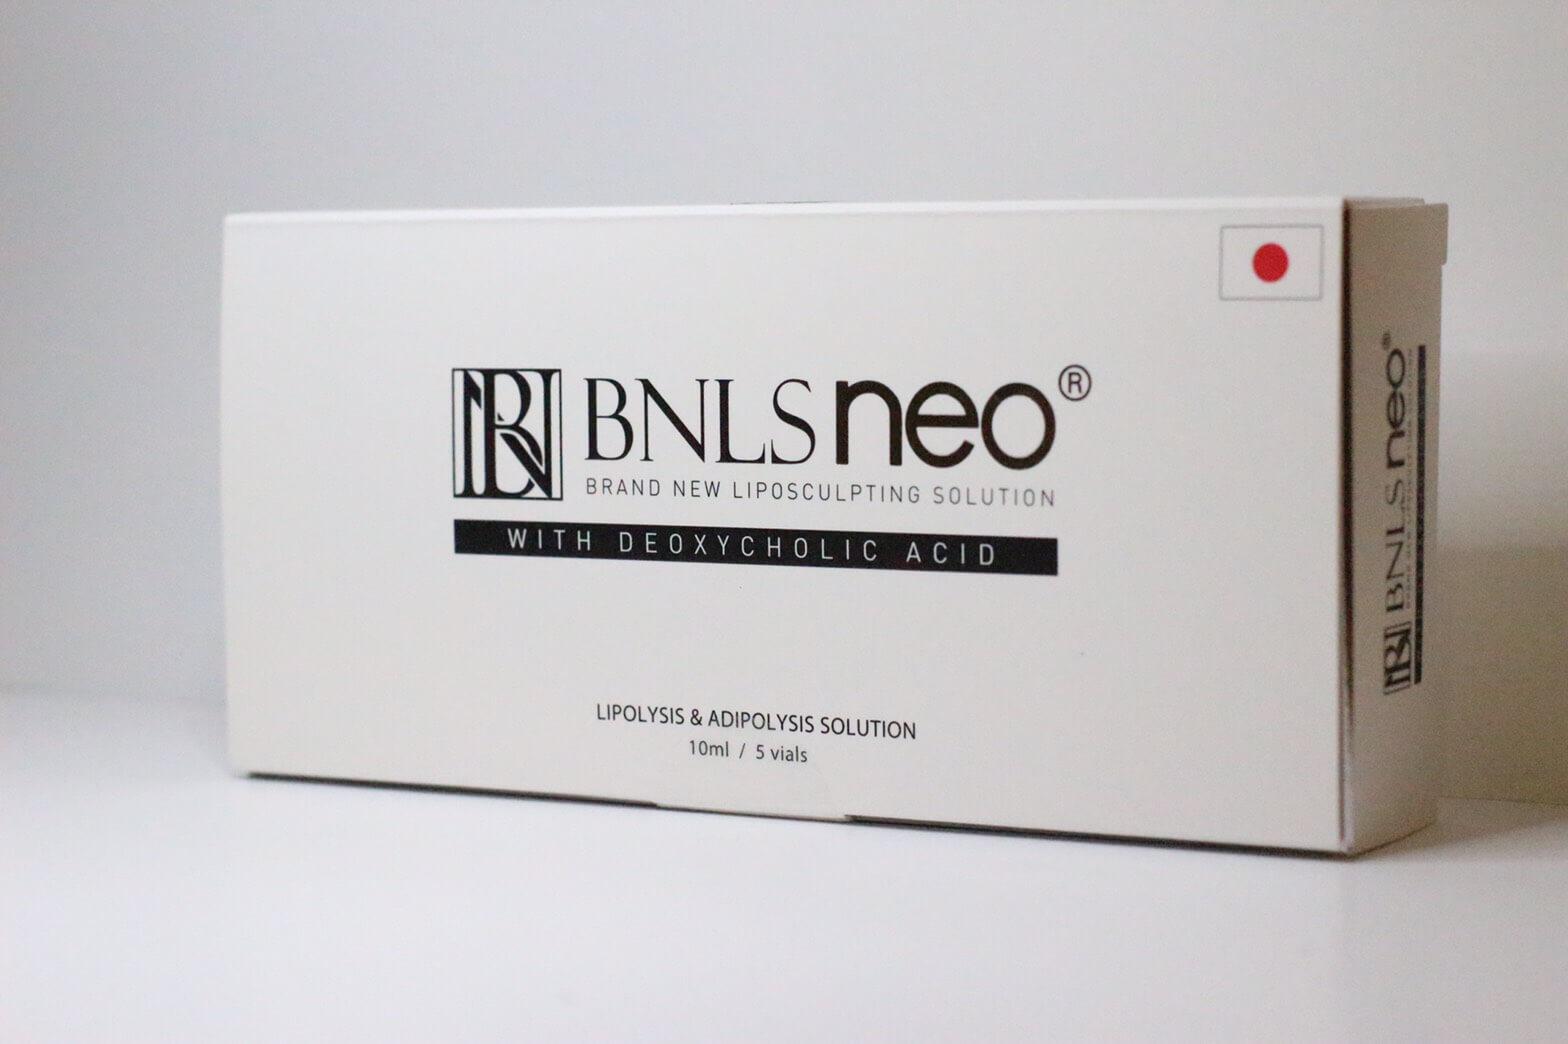 脂肪溶解注射のBNLS neoによる顔と体への効果とリスク・ダウンタイム